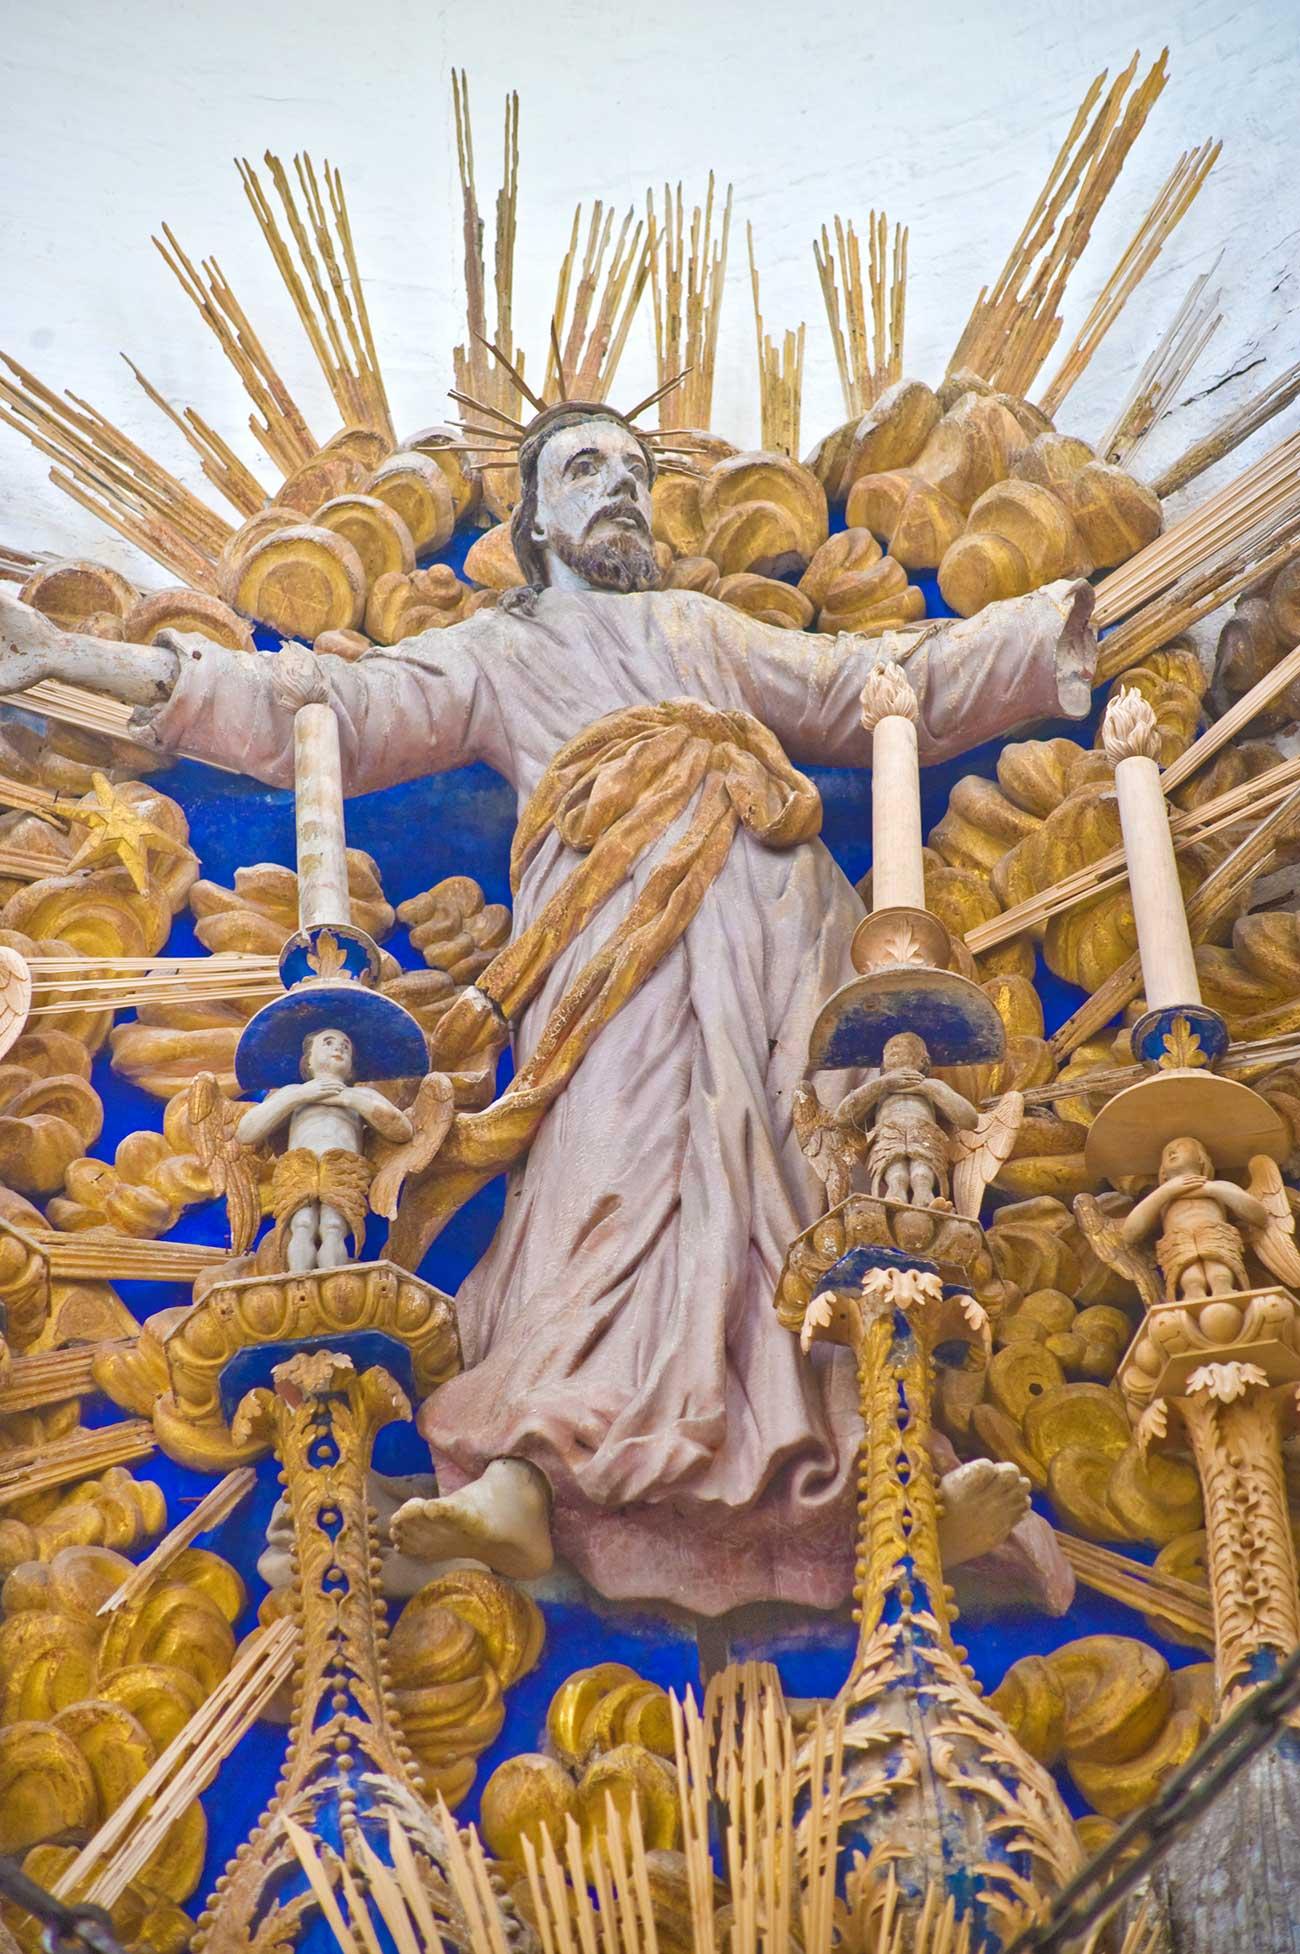 Cattedrale della Trasfigurazione di Belozersk, sezione superiore dell'iconostasi, Ascensione di Cristo, agosto 2009. Fonte: William Brumfield